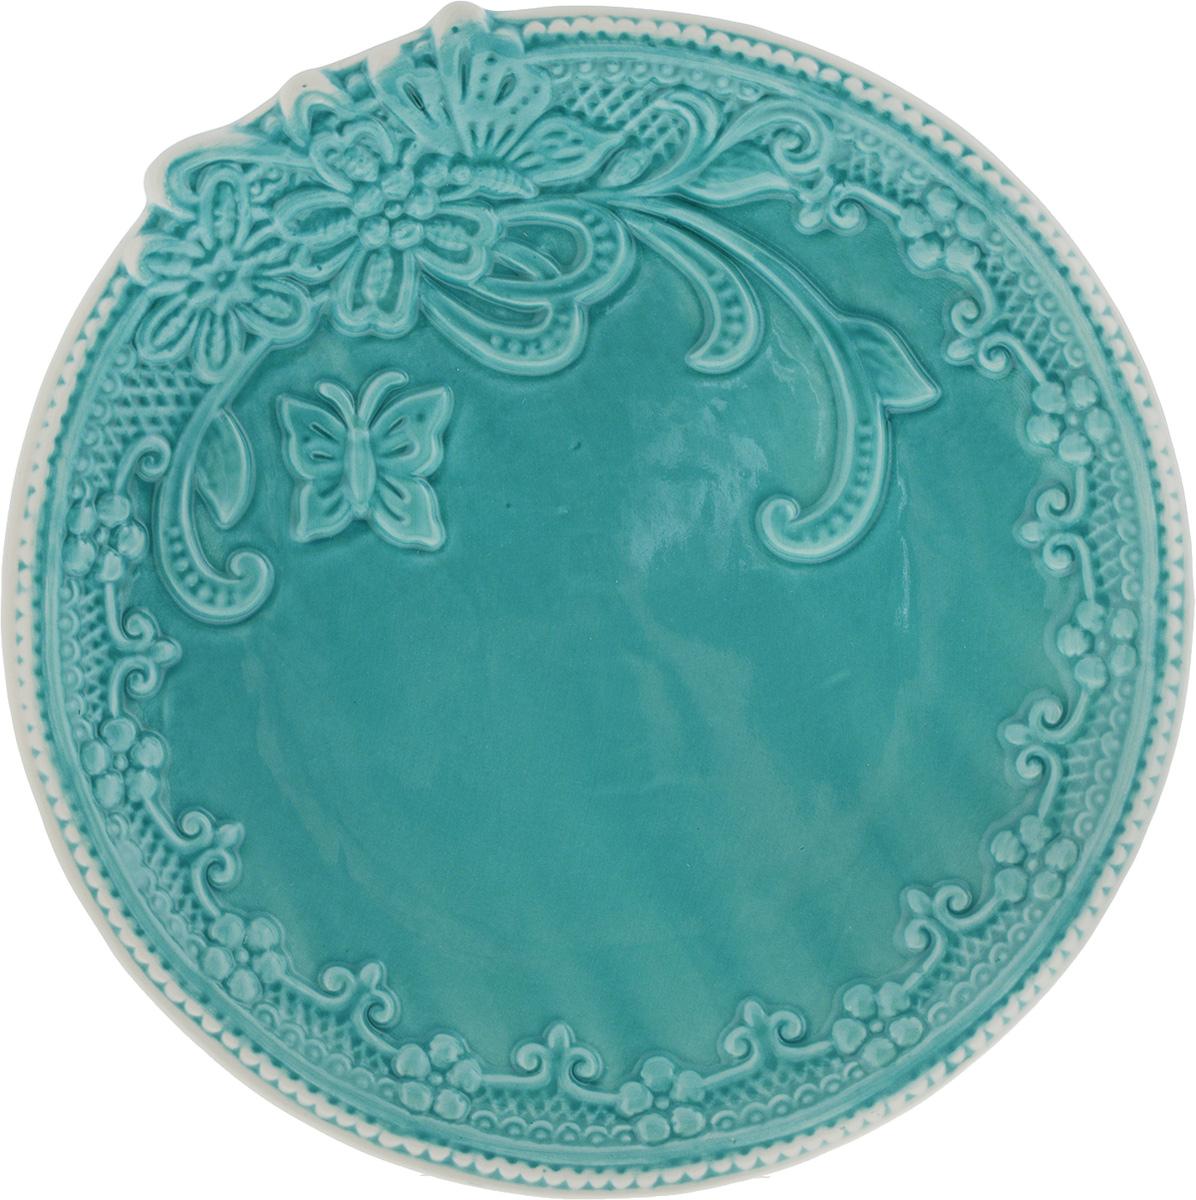 Тарелка Azur, диаметр 21 см216674Тарелка Azur выполнена из высококачественной керамика и имеет рельефную поверхность. Она прекрасно впишется в интерьер вашей кухни и станет достойным дополнением к кухонному инвентарю. Можно мыть в посудомоечной машине и использовать в микроволновой печи. Диаметр тарелки (по верхнему краю): 21 см. Высота: 2,5 см.